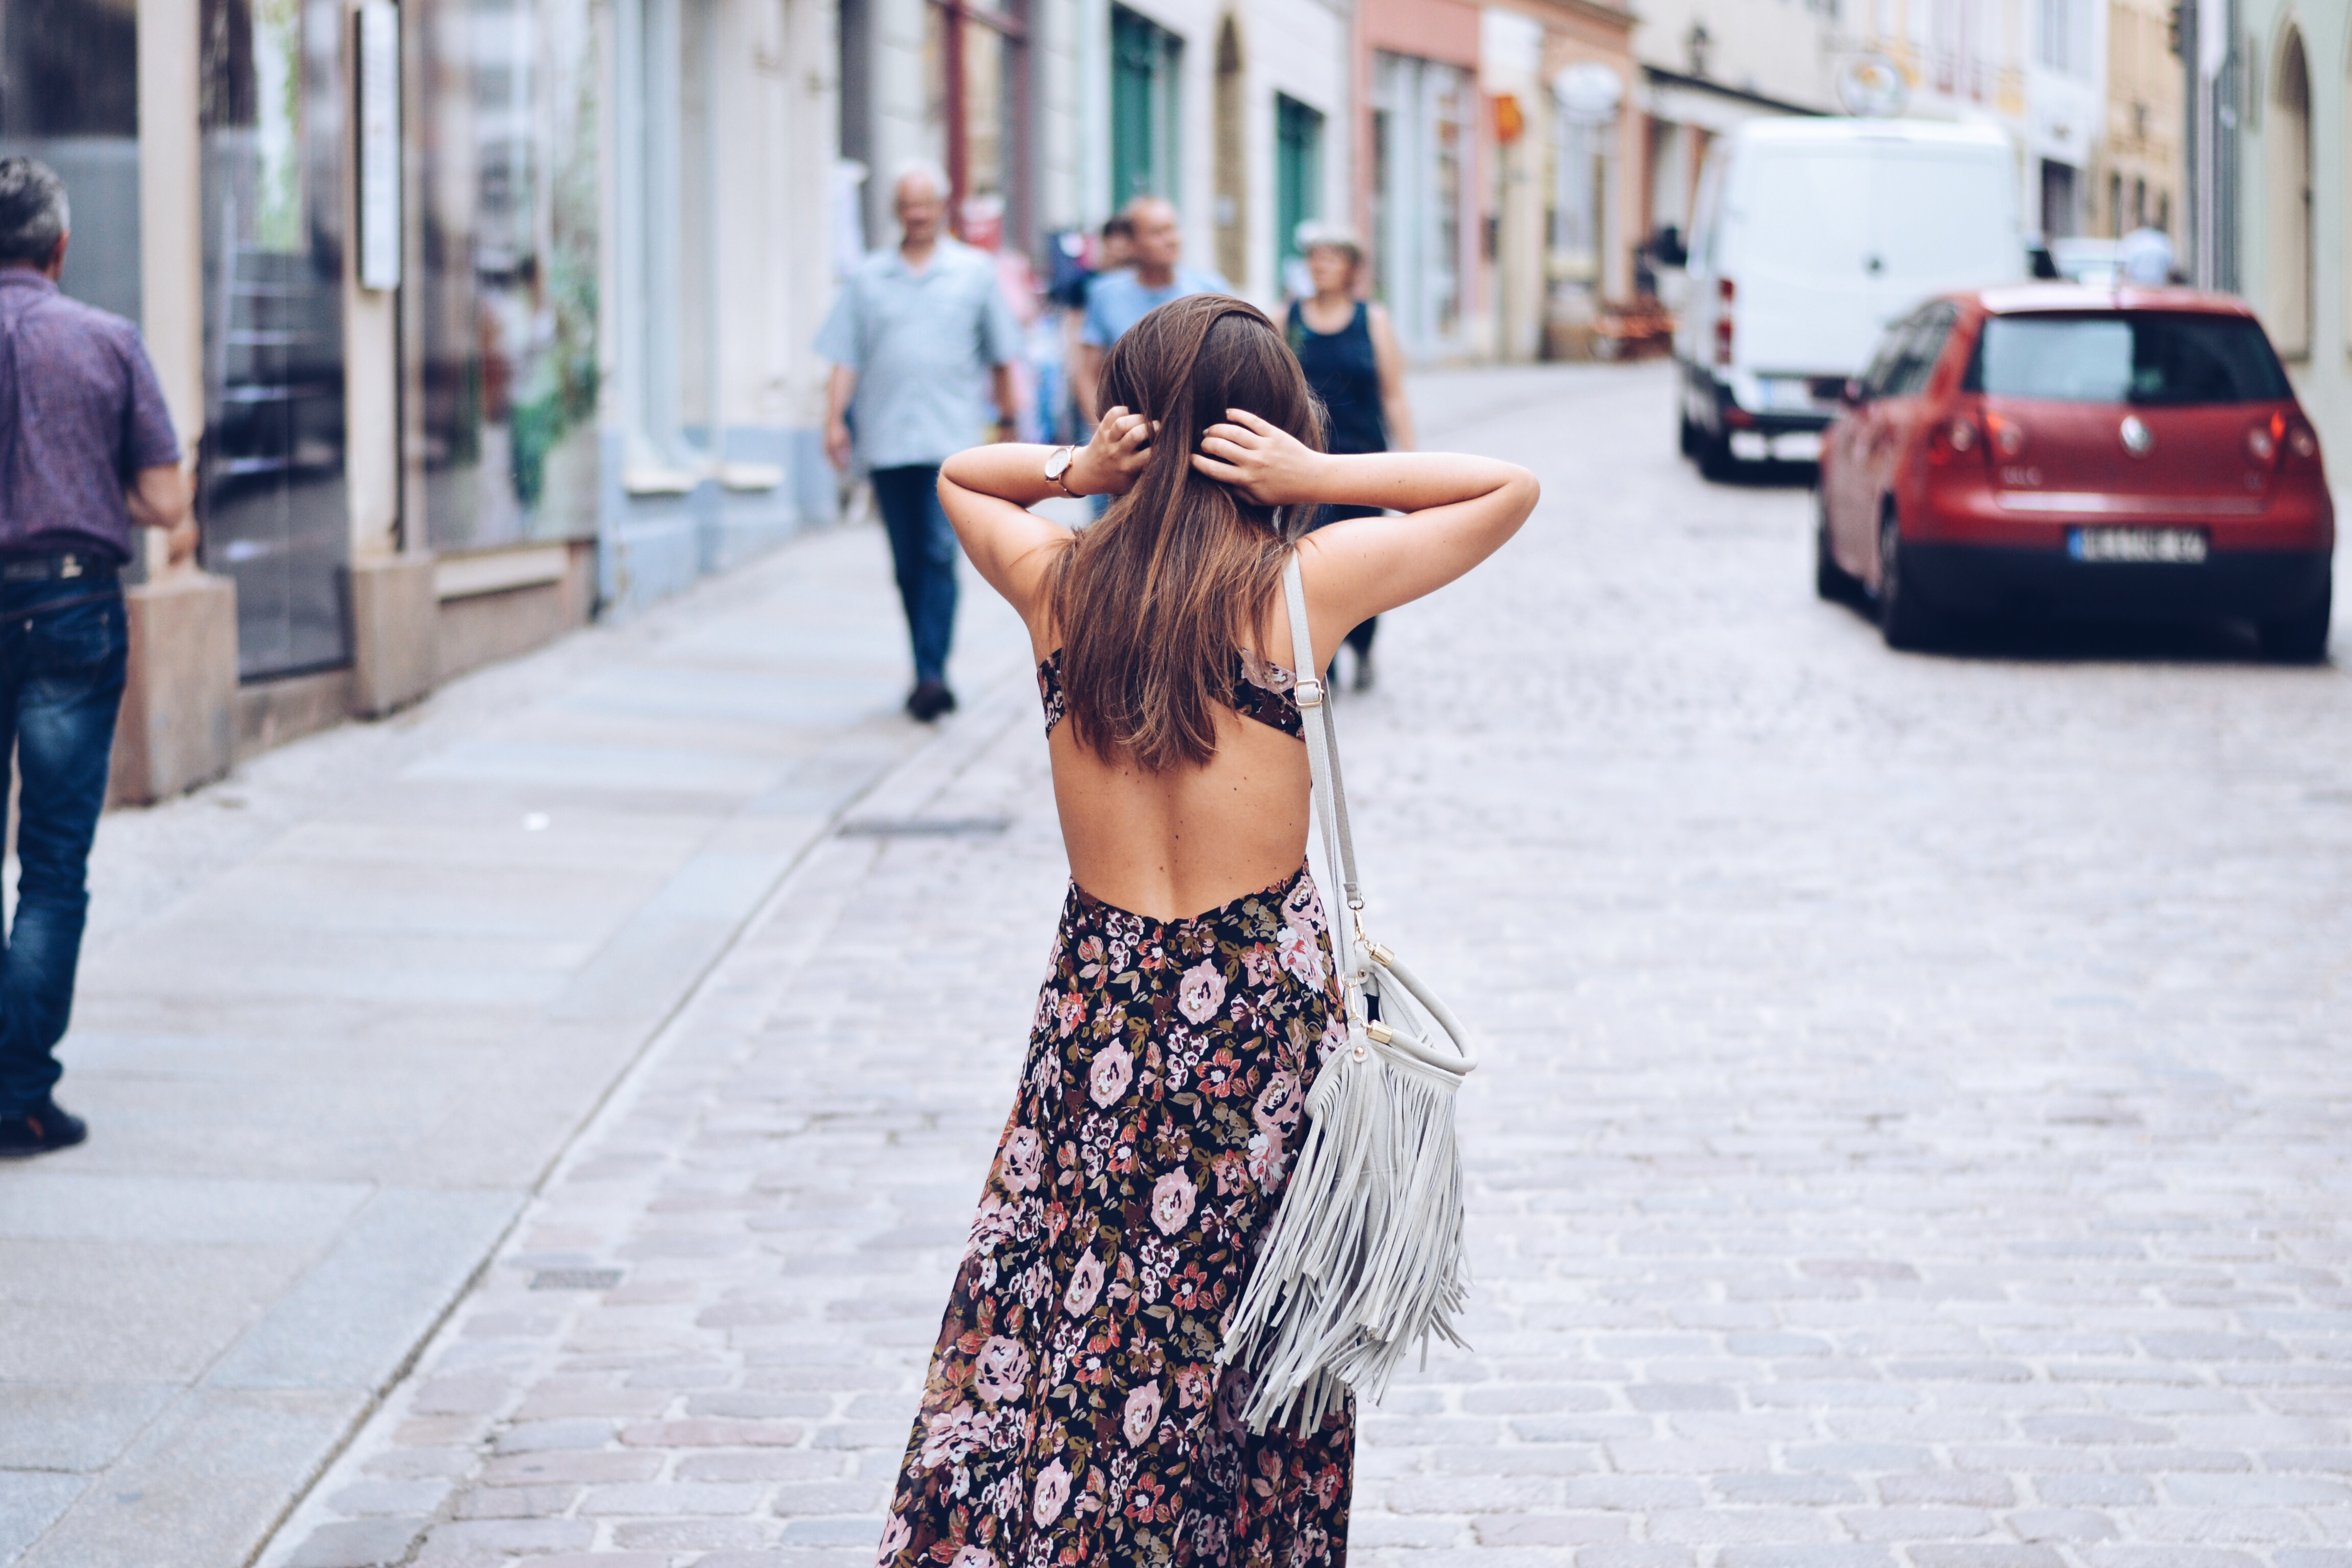 allthatchoices mainz meissen sommerkleid rückenfrei birkenstock metallic silber blumenkleid florales kleid floral dress altstadt old city blogger fashionblogger follow me brunette fransentasche hippie boho